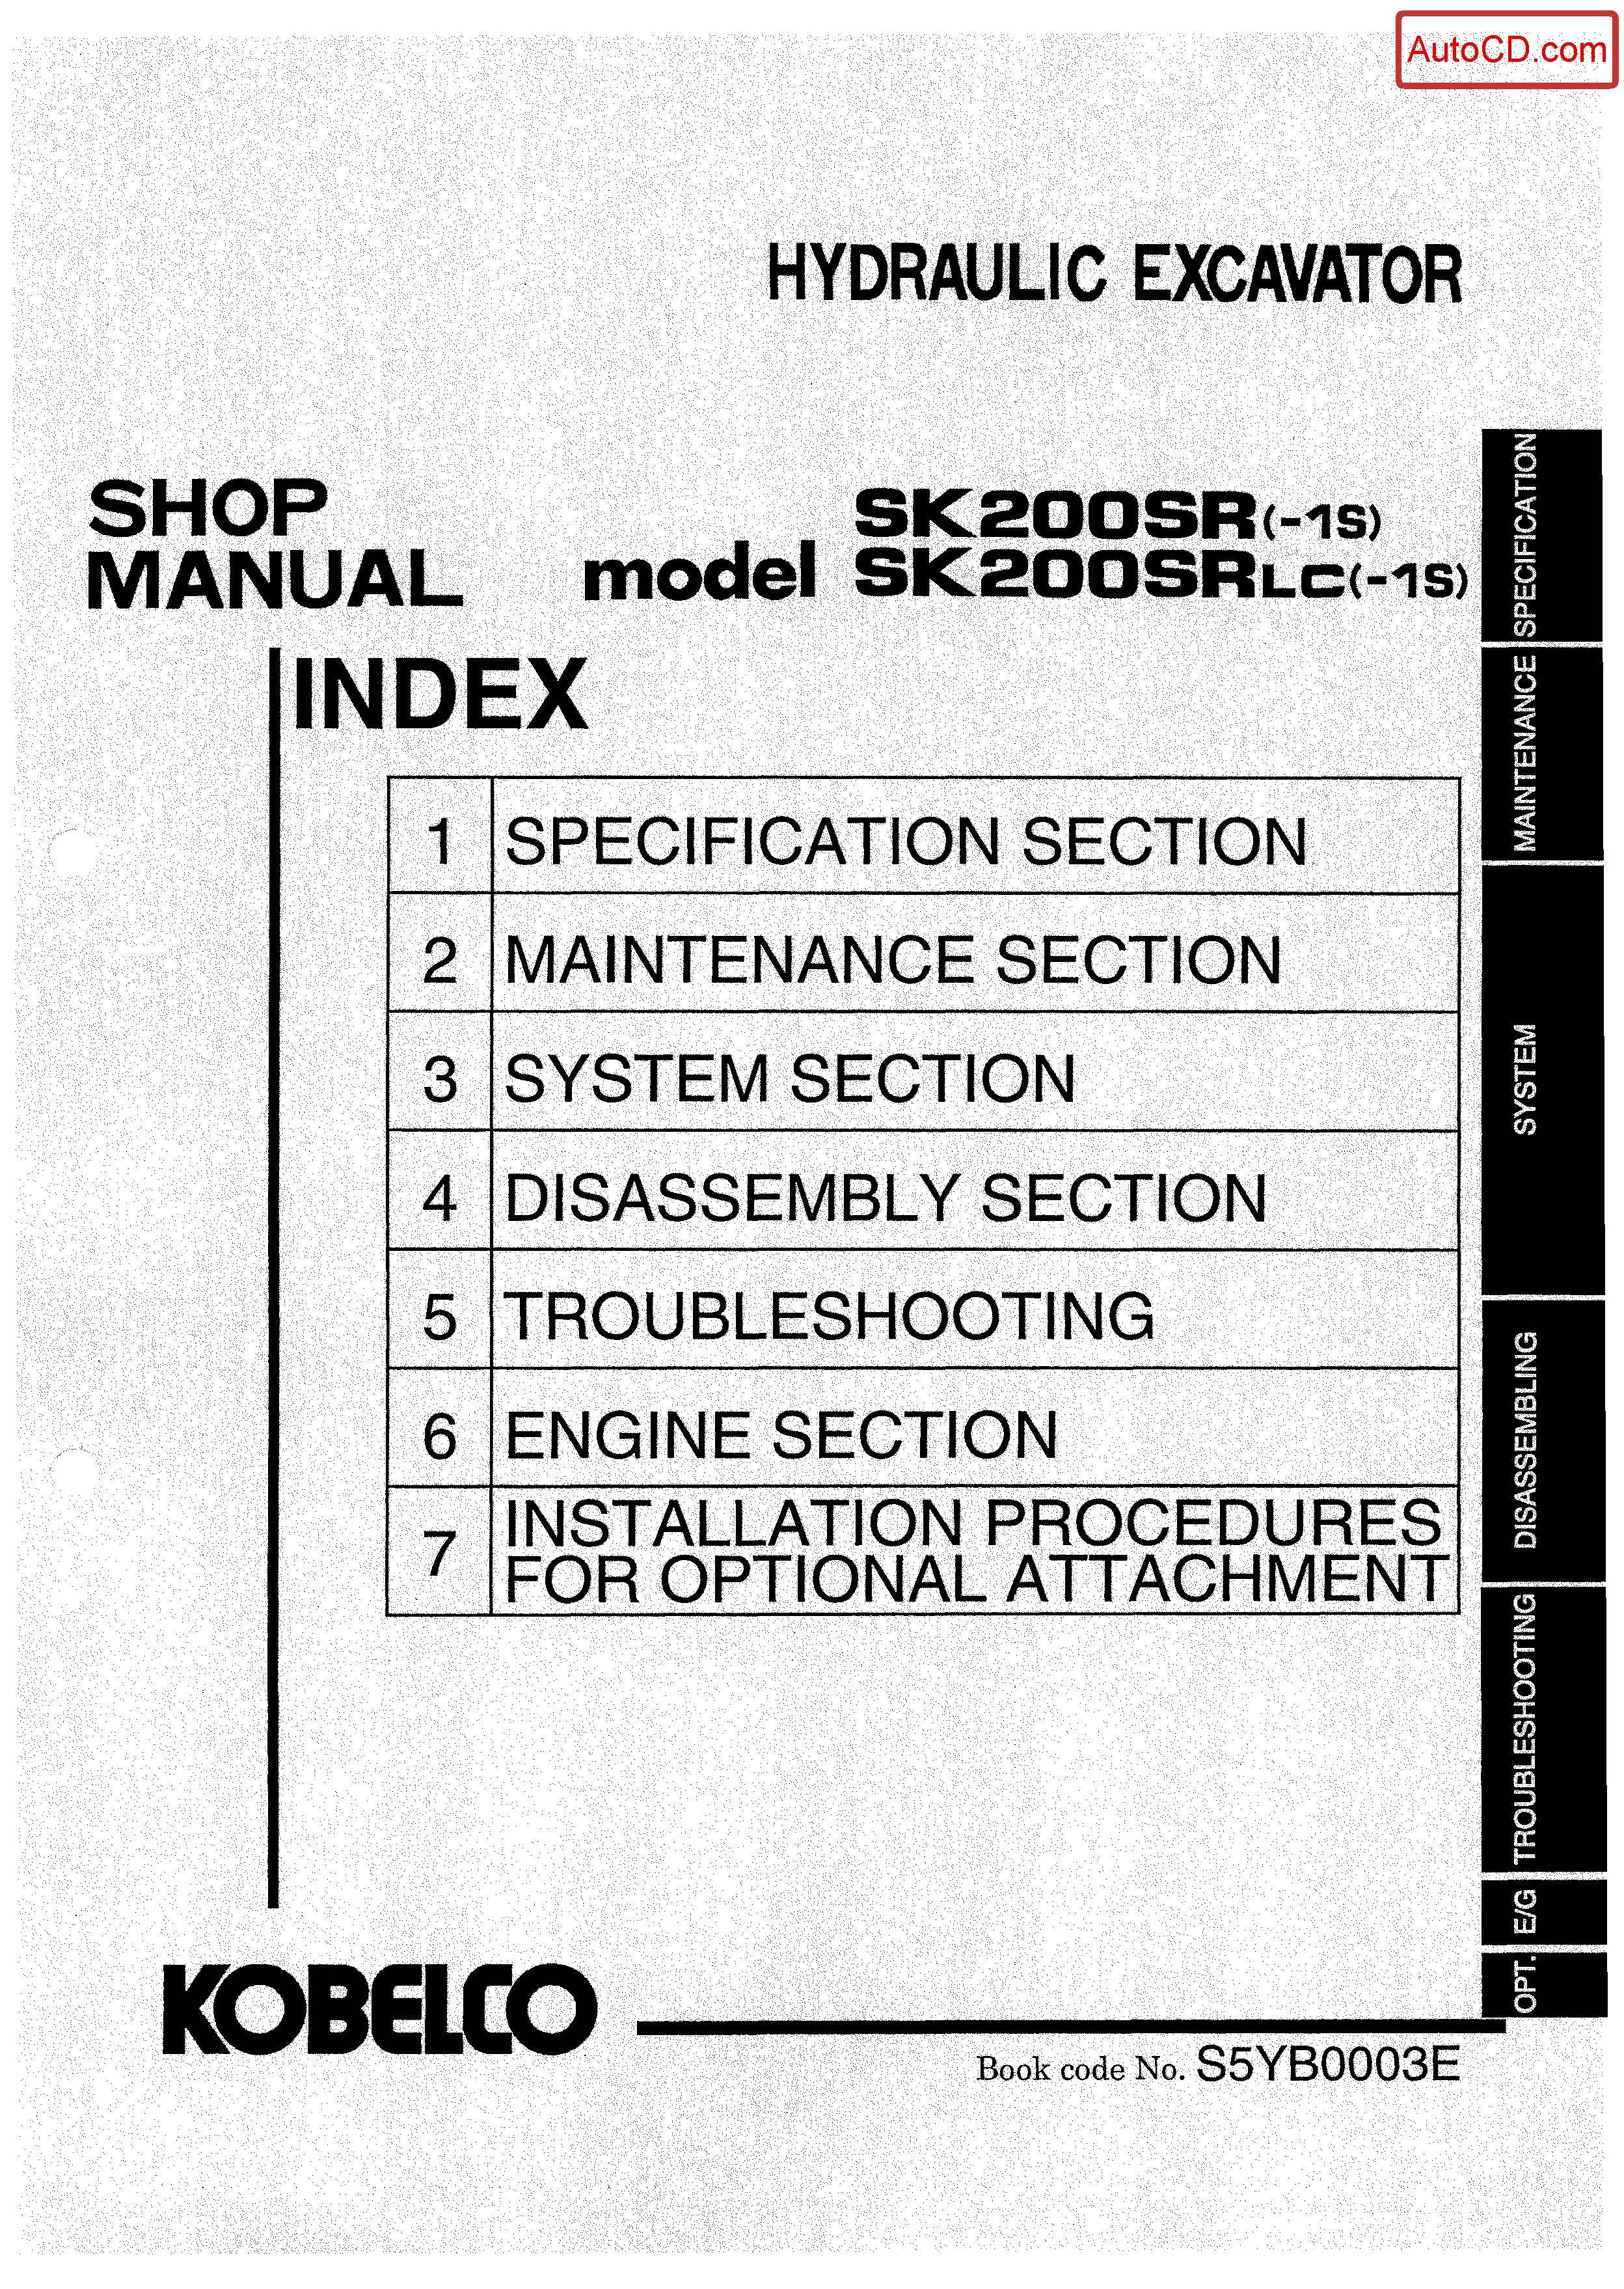 หนังสือ คู่มือซ่อม Kobelco Hydraulic Excavator SK200SR-1S , SK200SR(LC)-1S (ข้อมูลทั่วไป ค่าสเปคต่างๆ วงจรไฟฟ้า วงจรไฮดรอลิกส์)